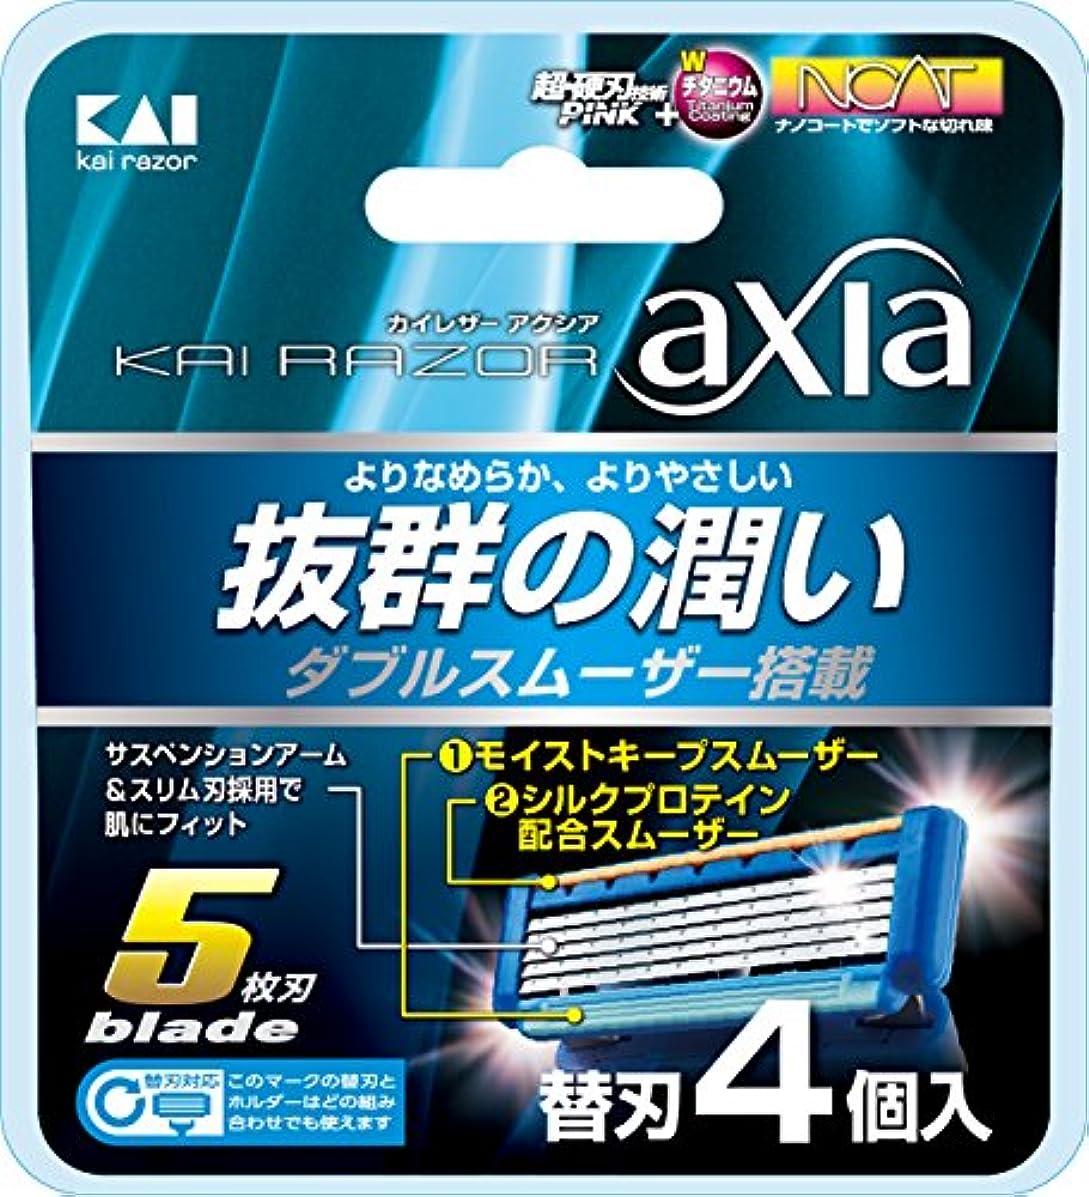 リズムパイロットバケットKAI RAZOR axia(カイ レザー アクシア)5枚刃 替刃 4個入